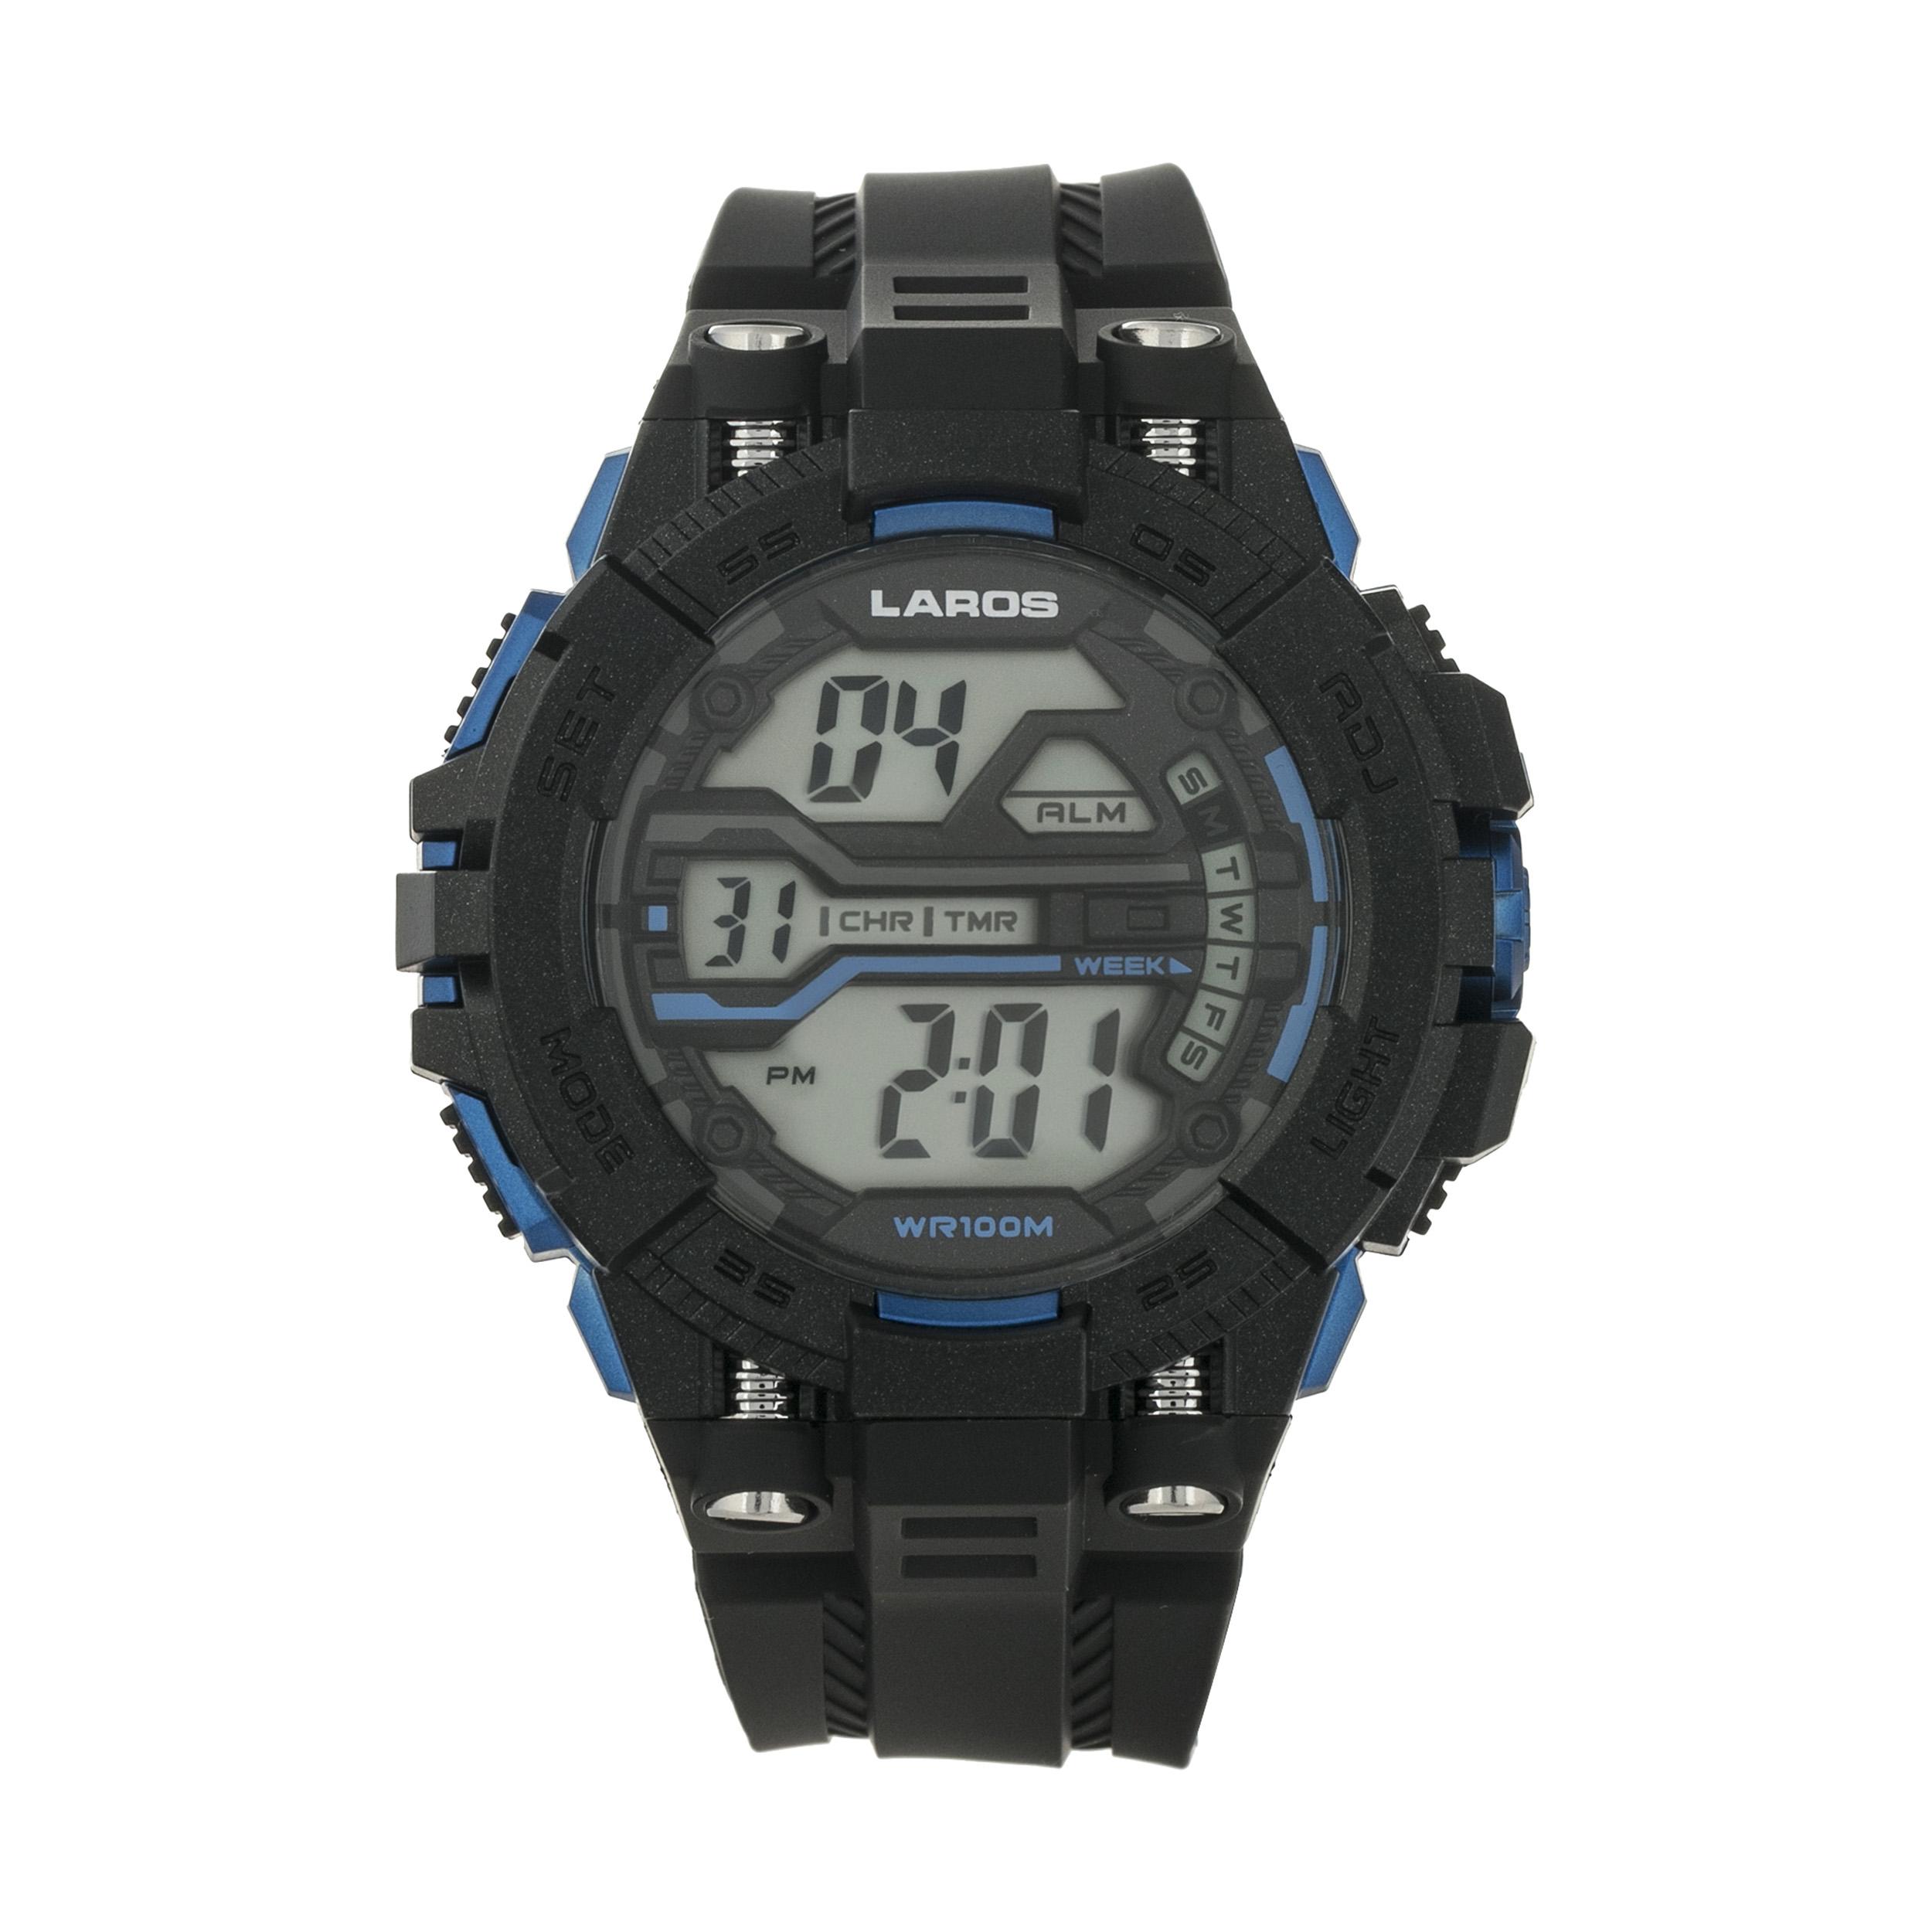 ساعت مچی دیجیتال مردانه لاروس مدل M1189-0318 به همراه دستمال مخصوص نانو برند کلیر واچ 45